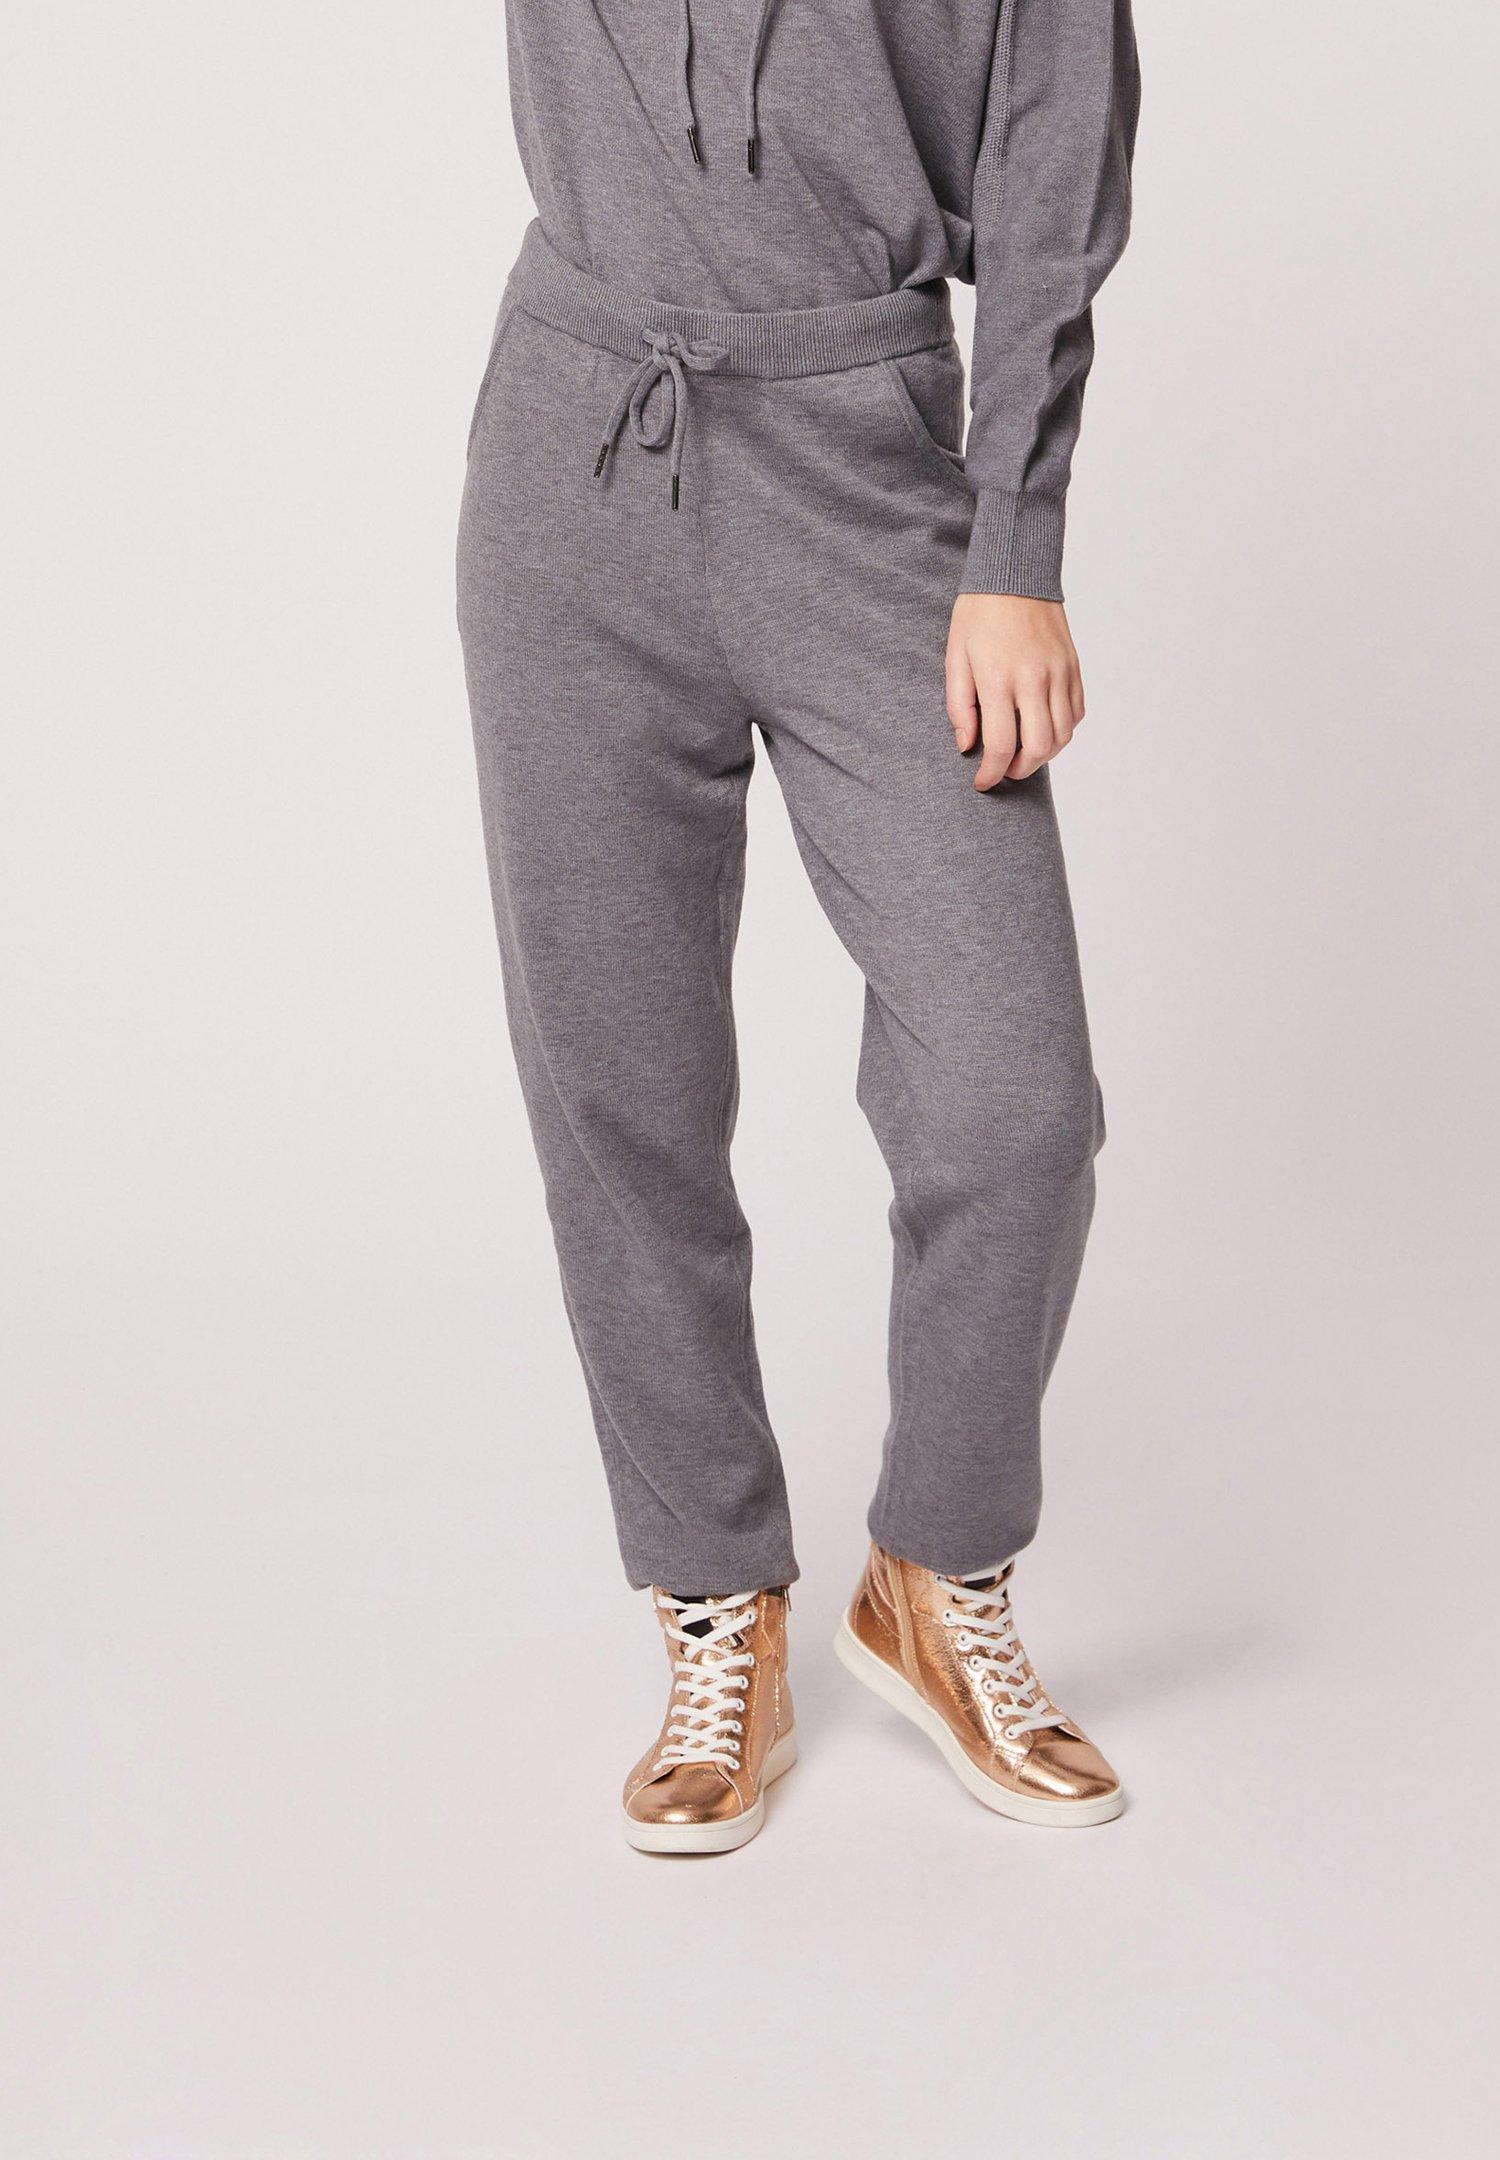 Damen HOSEN - Leggings - Hosen